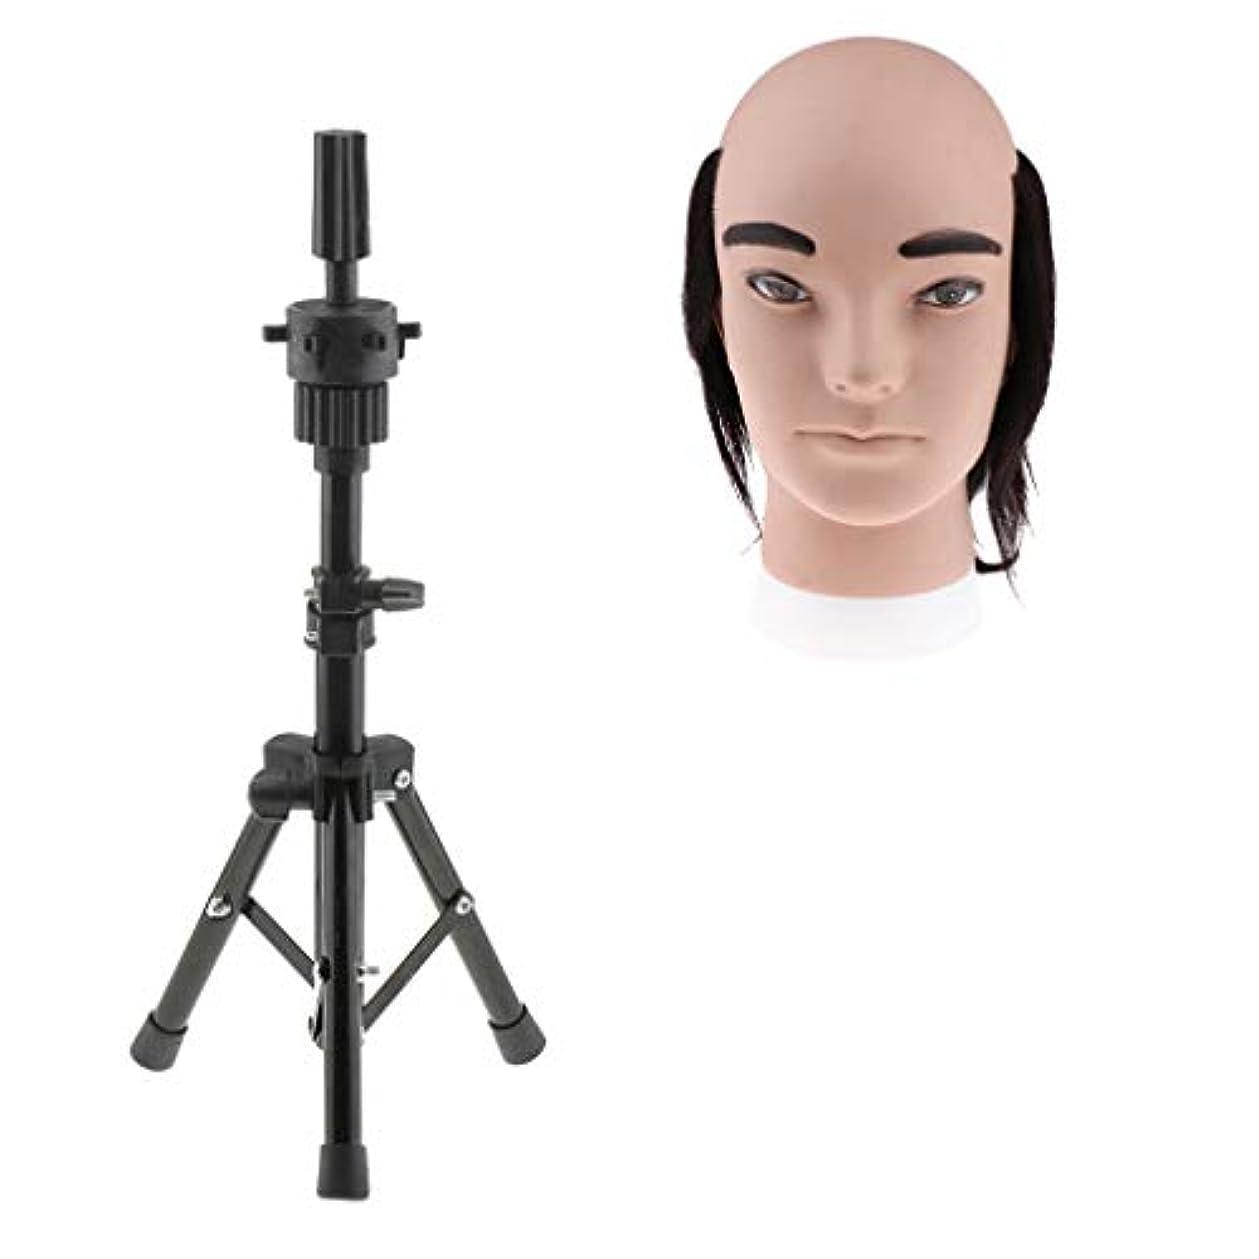 ダルセット最大限拍手CUTICATE 人間の髪毛 男性 マネキン トレーニング マネキン美容人形 人形の頭付き三脚ホルダー